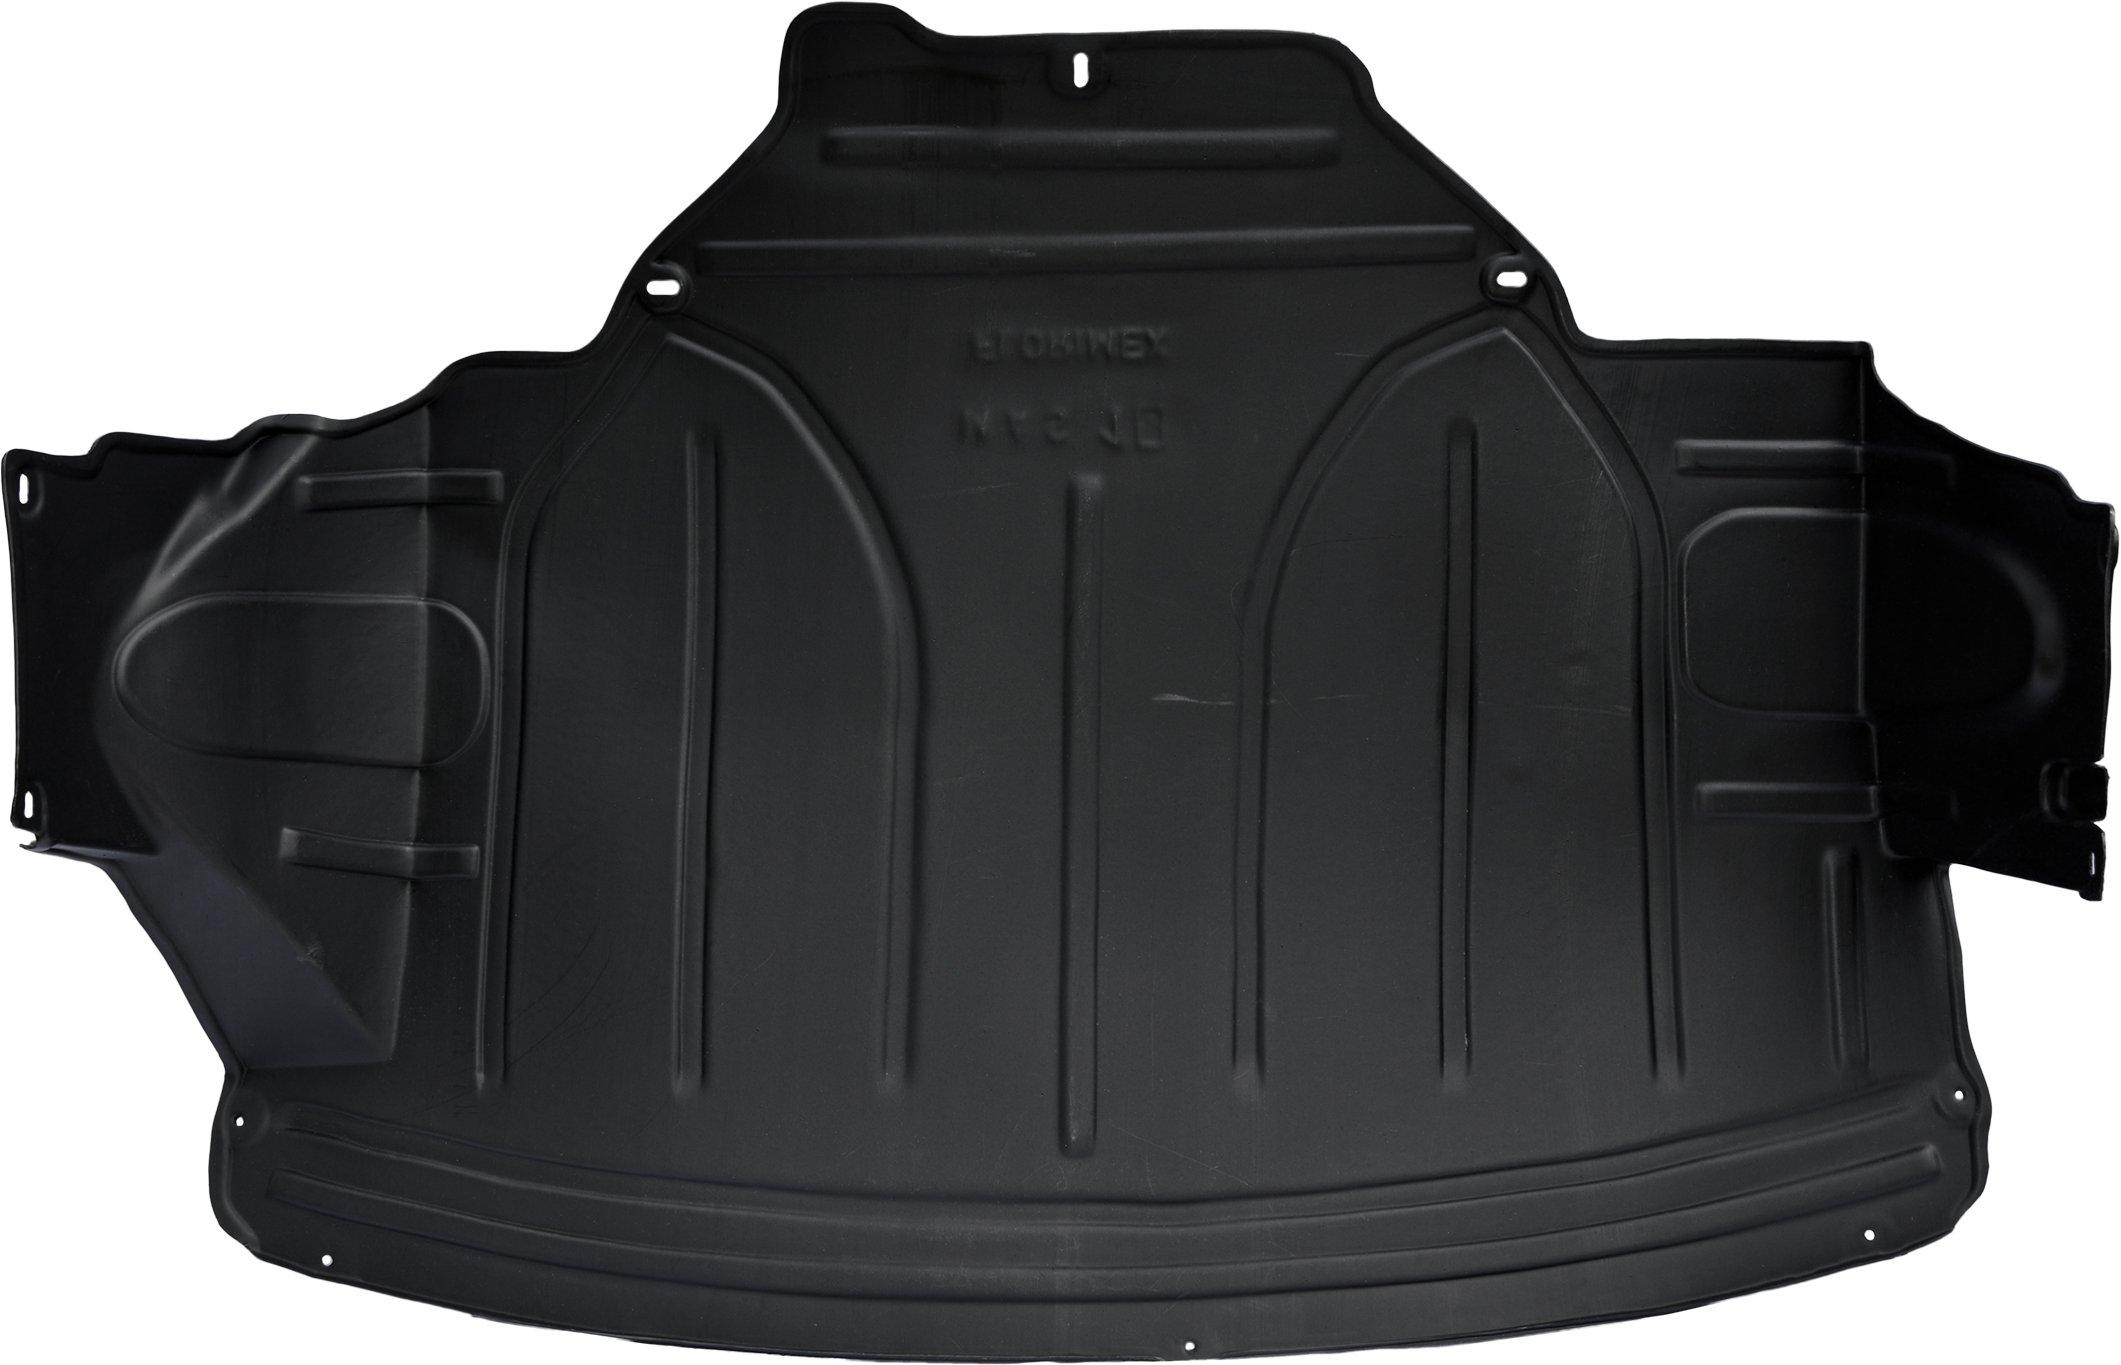 renault master movano 3 iii от 2010 крышка двигателя